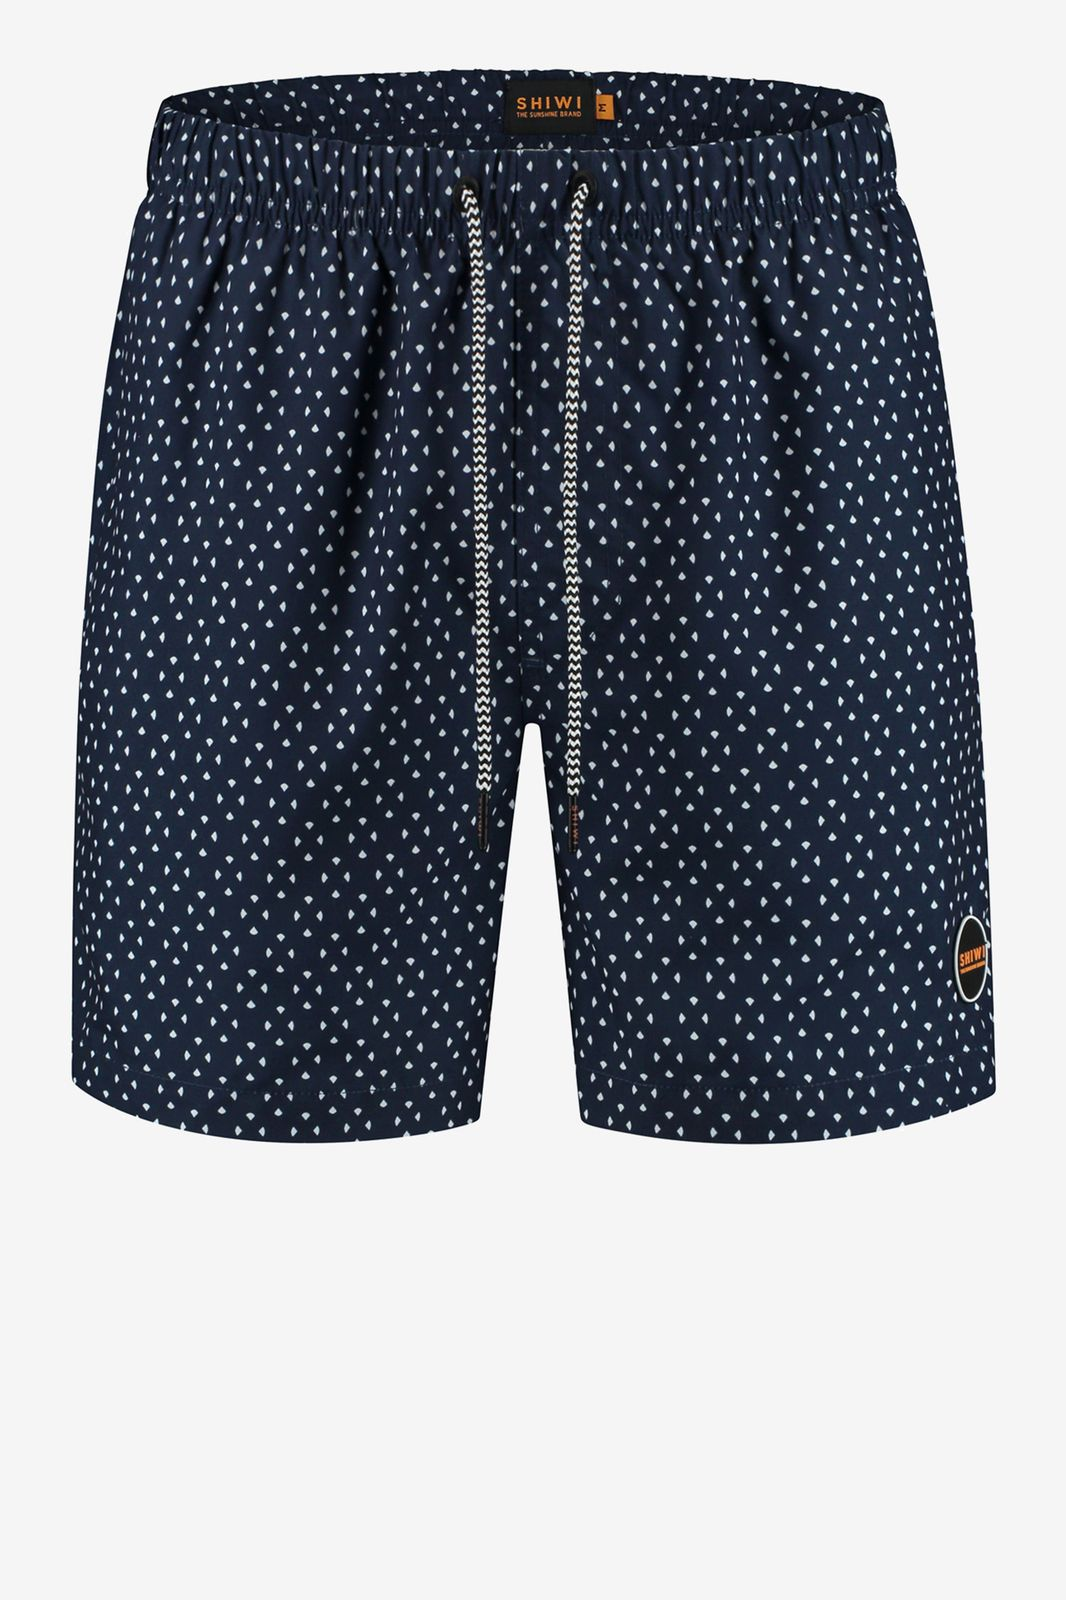 Shiwi zwembroek PJ print donkerblauw